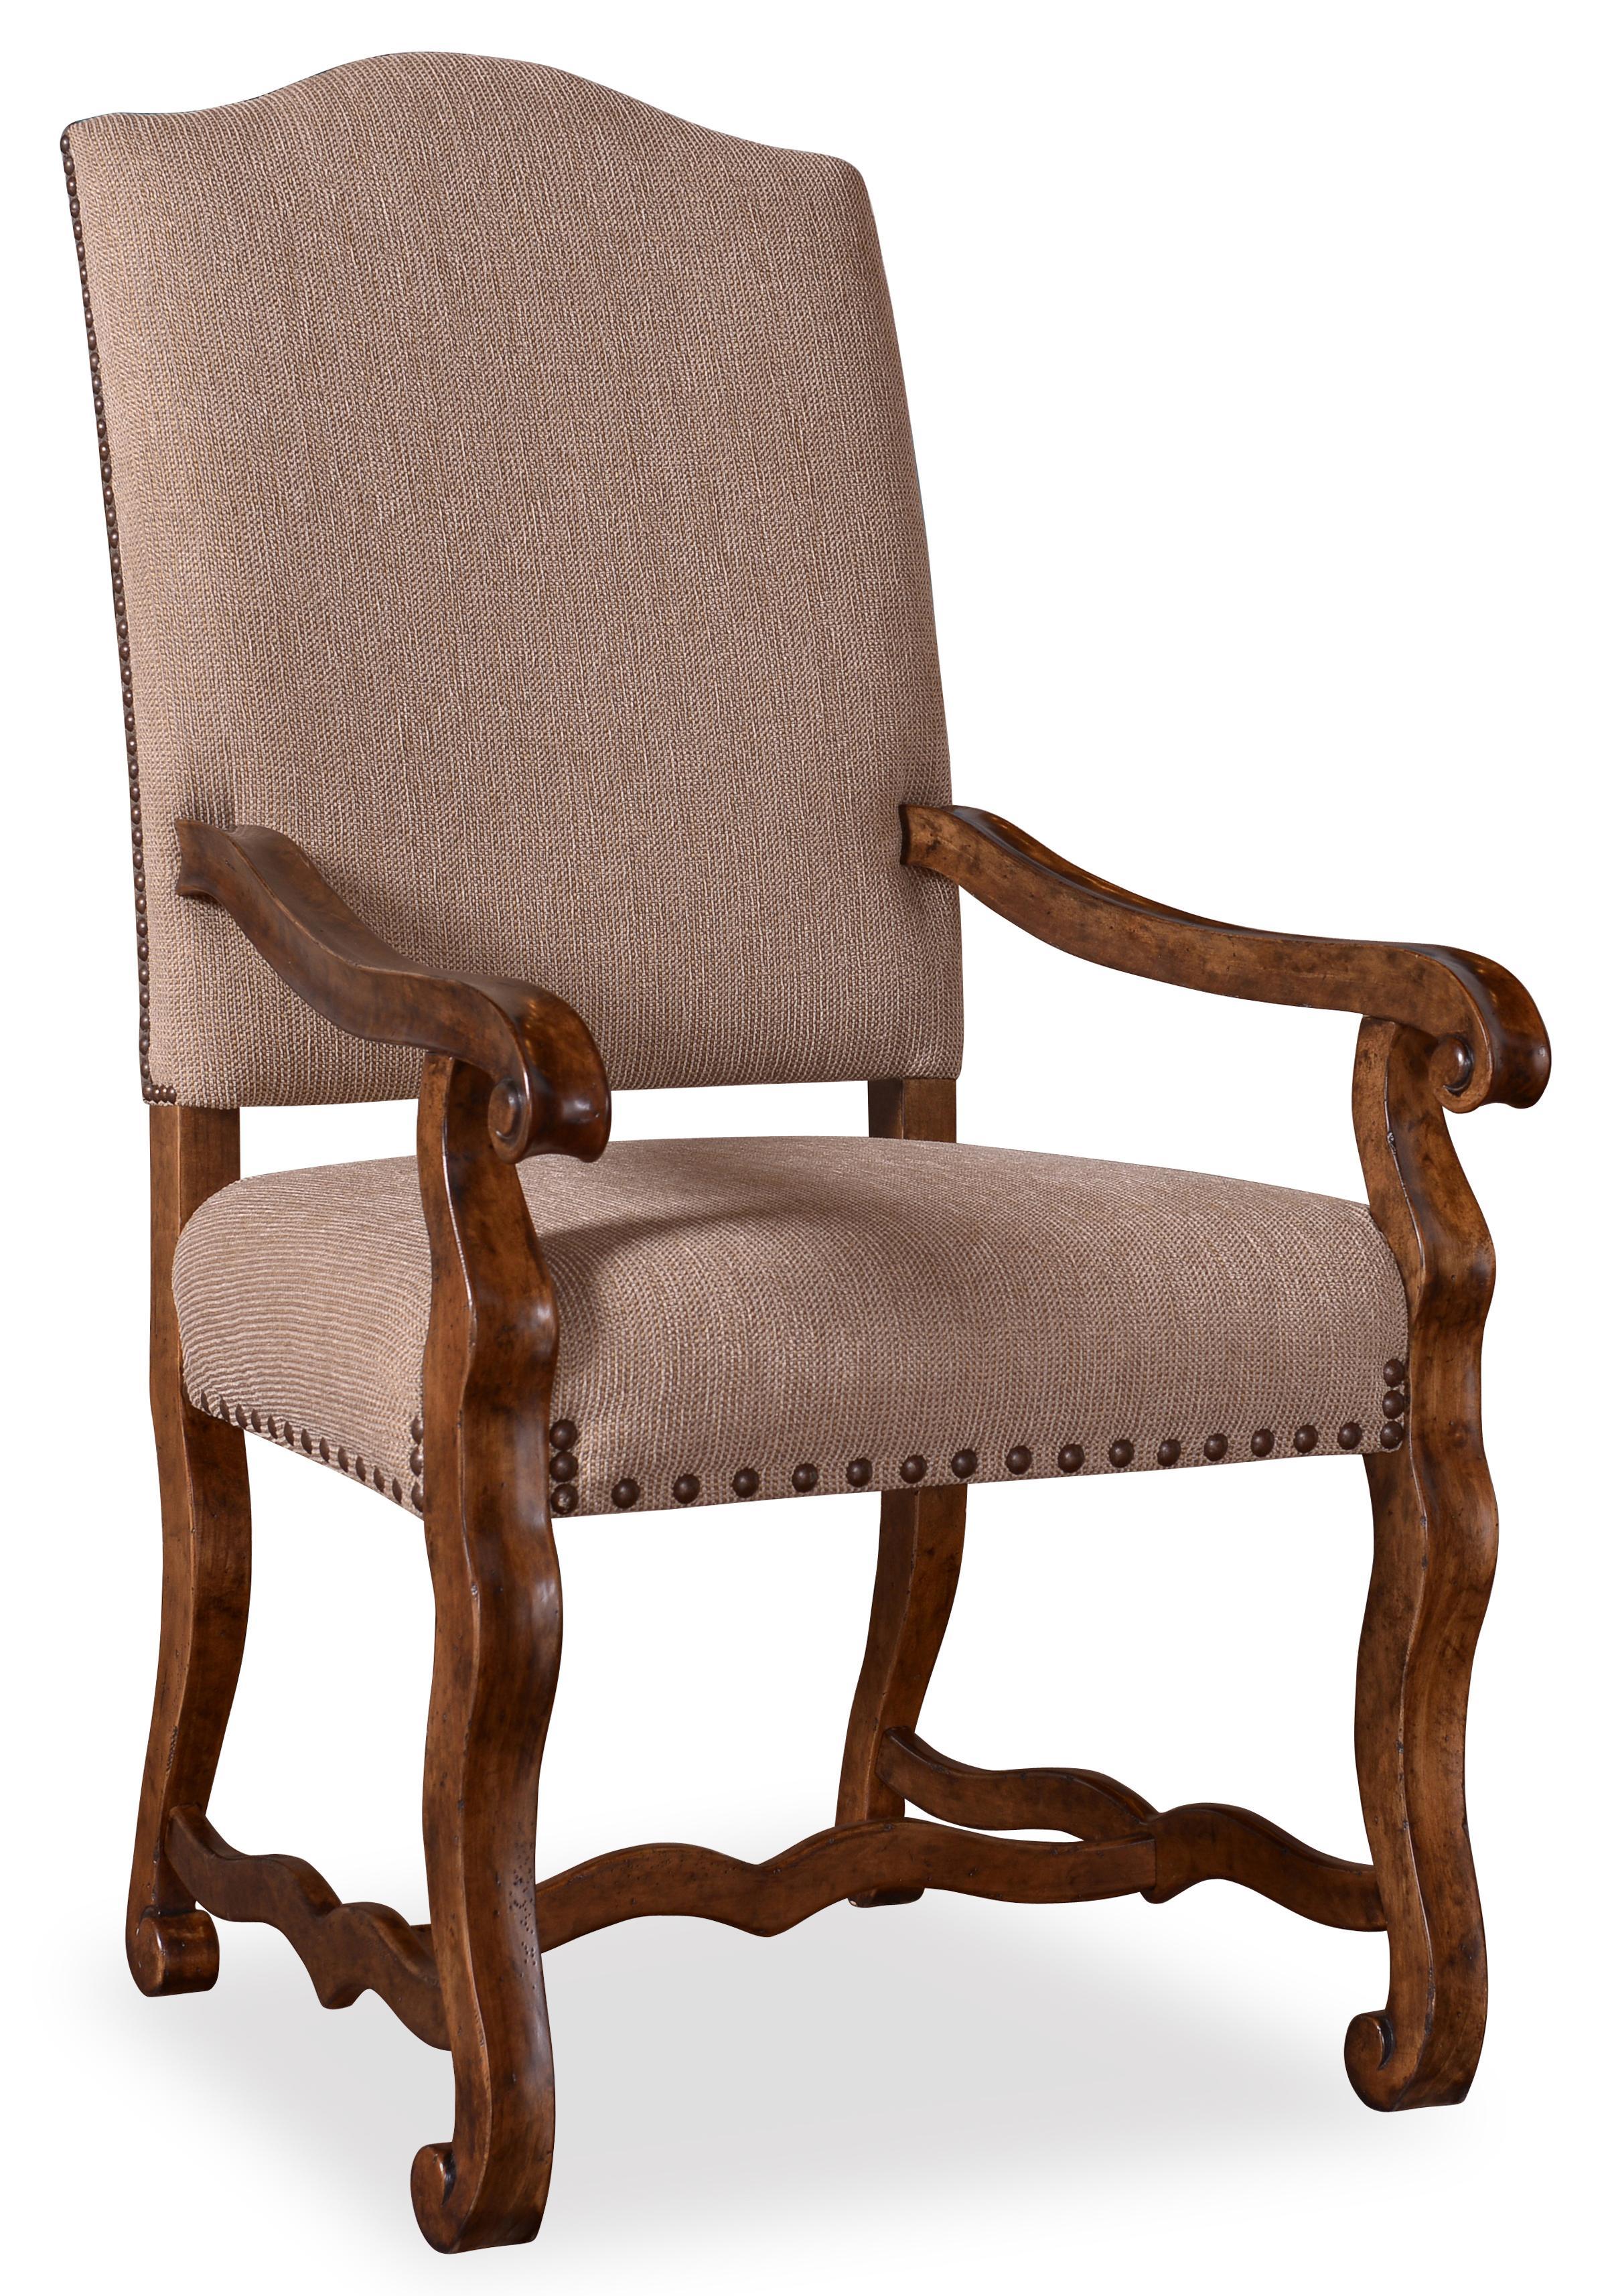 Belfort Signature Belle Haven Harvest Upholstered Arm Chair - Item Number: 217207-2610